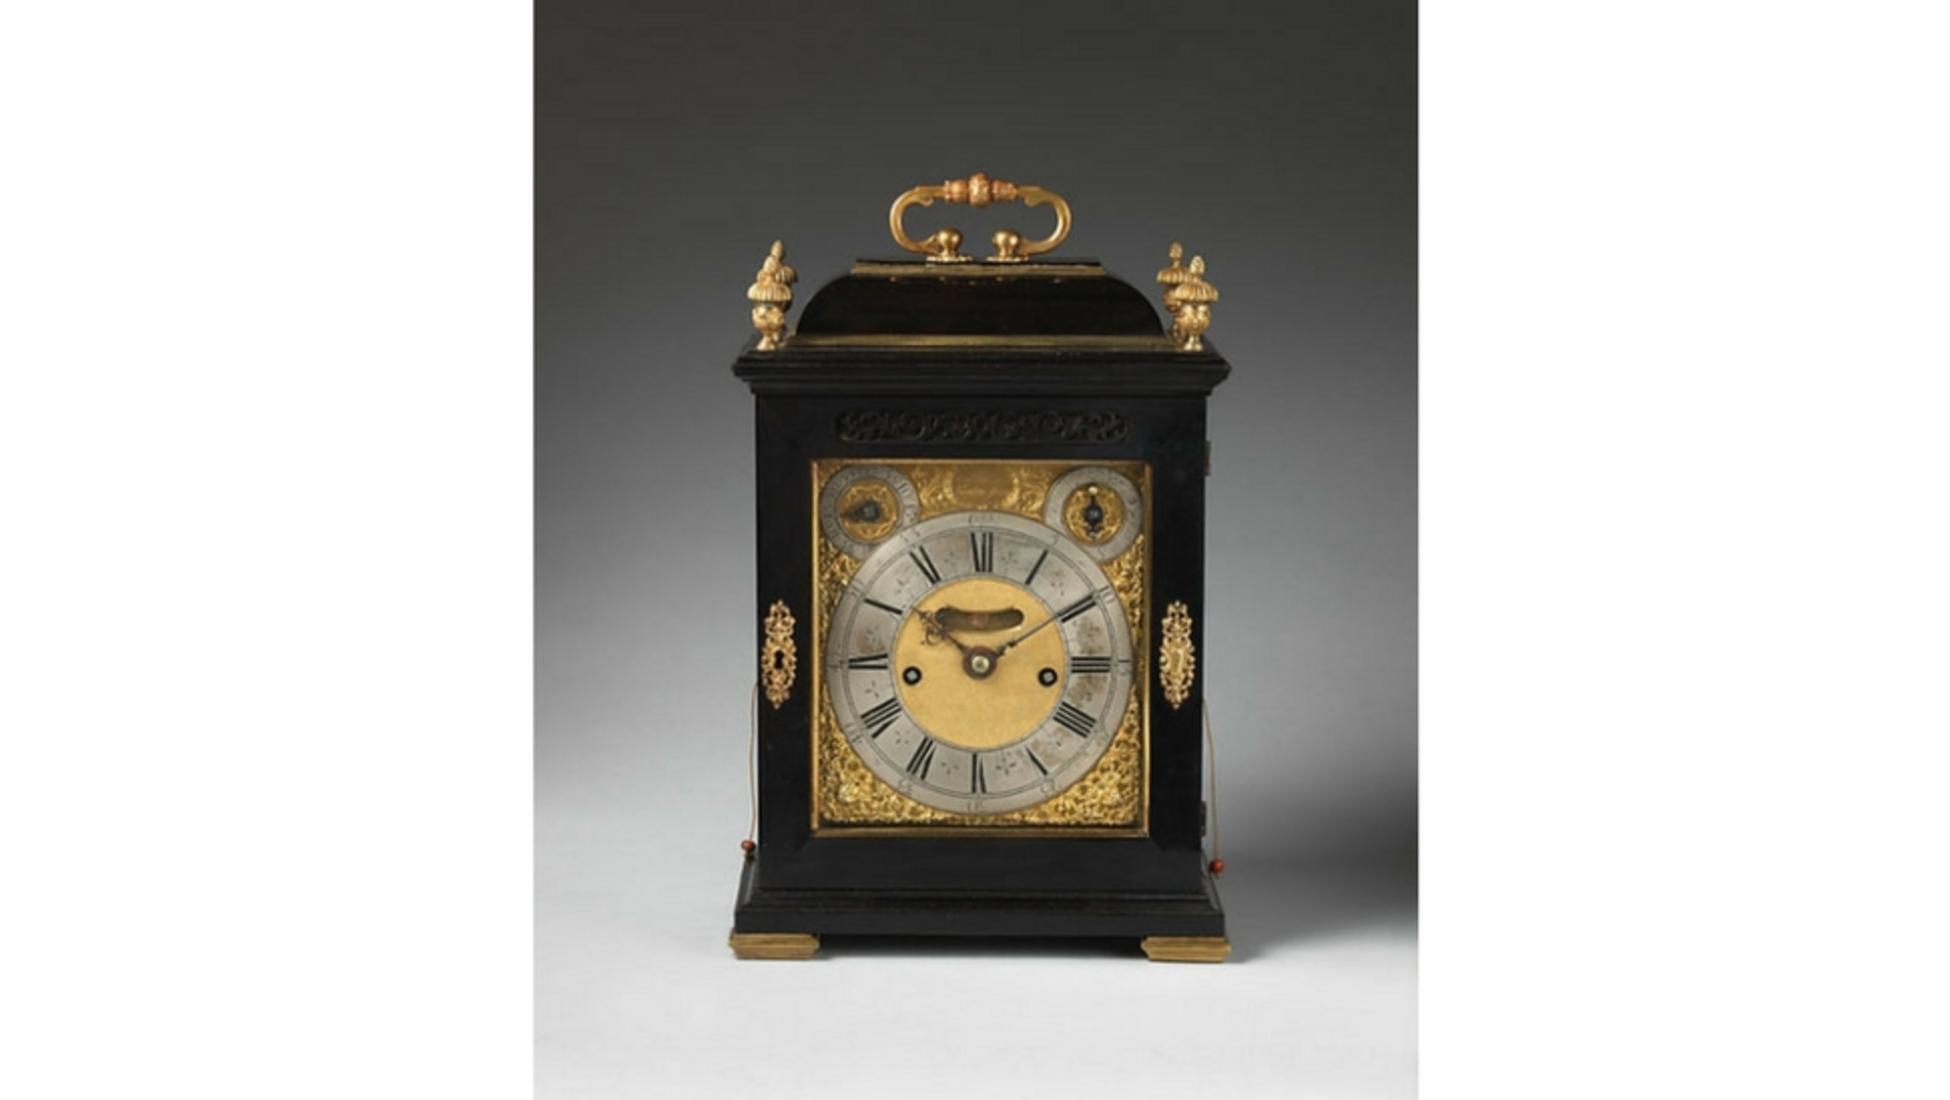 06b00513b8f Sendo este 1 de 3 relógios produzidos no século XVIII pelo aclamado  relojoeiro britânico